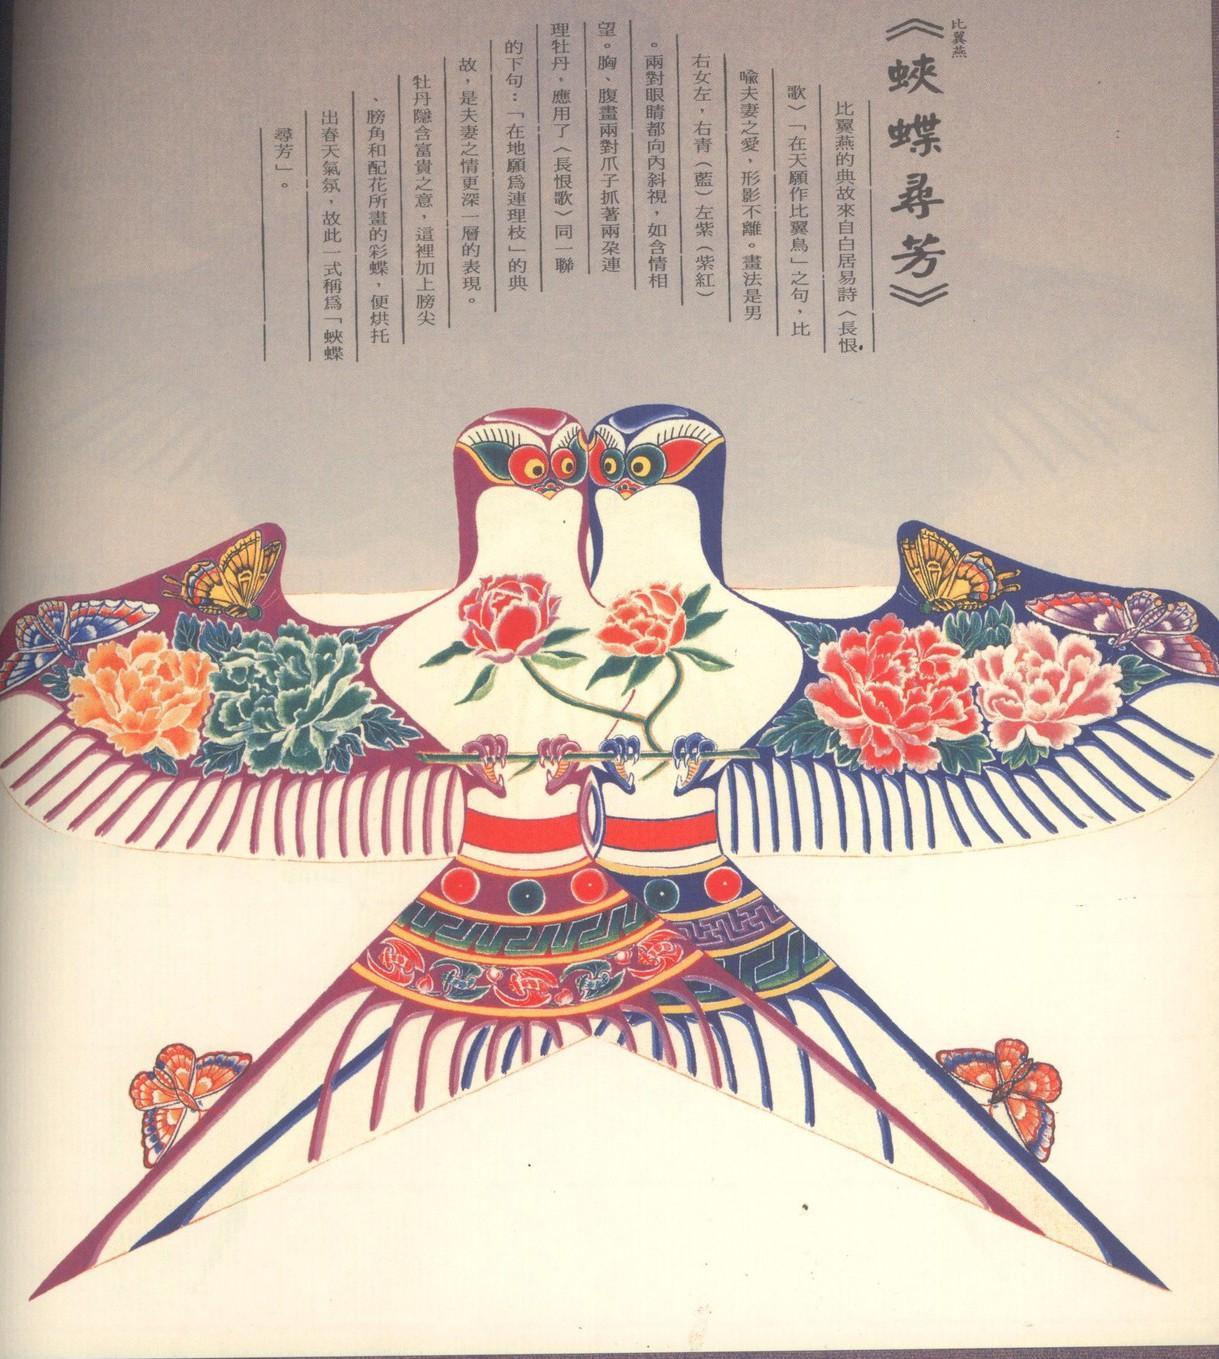 曹雪芹設計的「比翼燕風箏」,遠看如同一雙燕子展翅飛翔。 記者張雅婷/翻攝